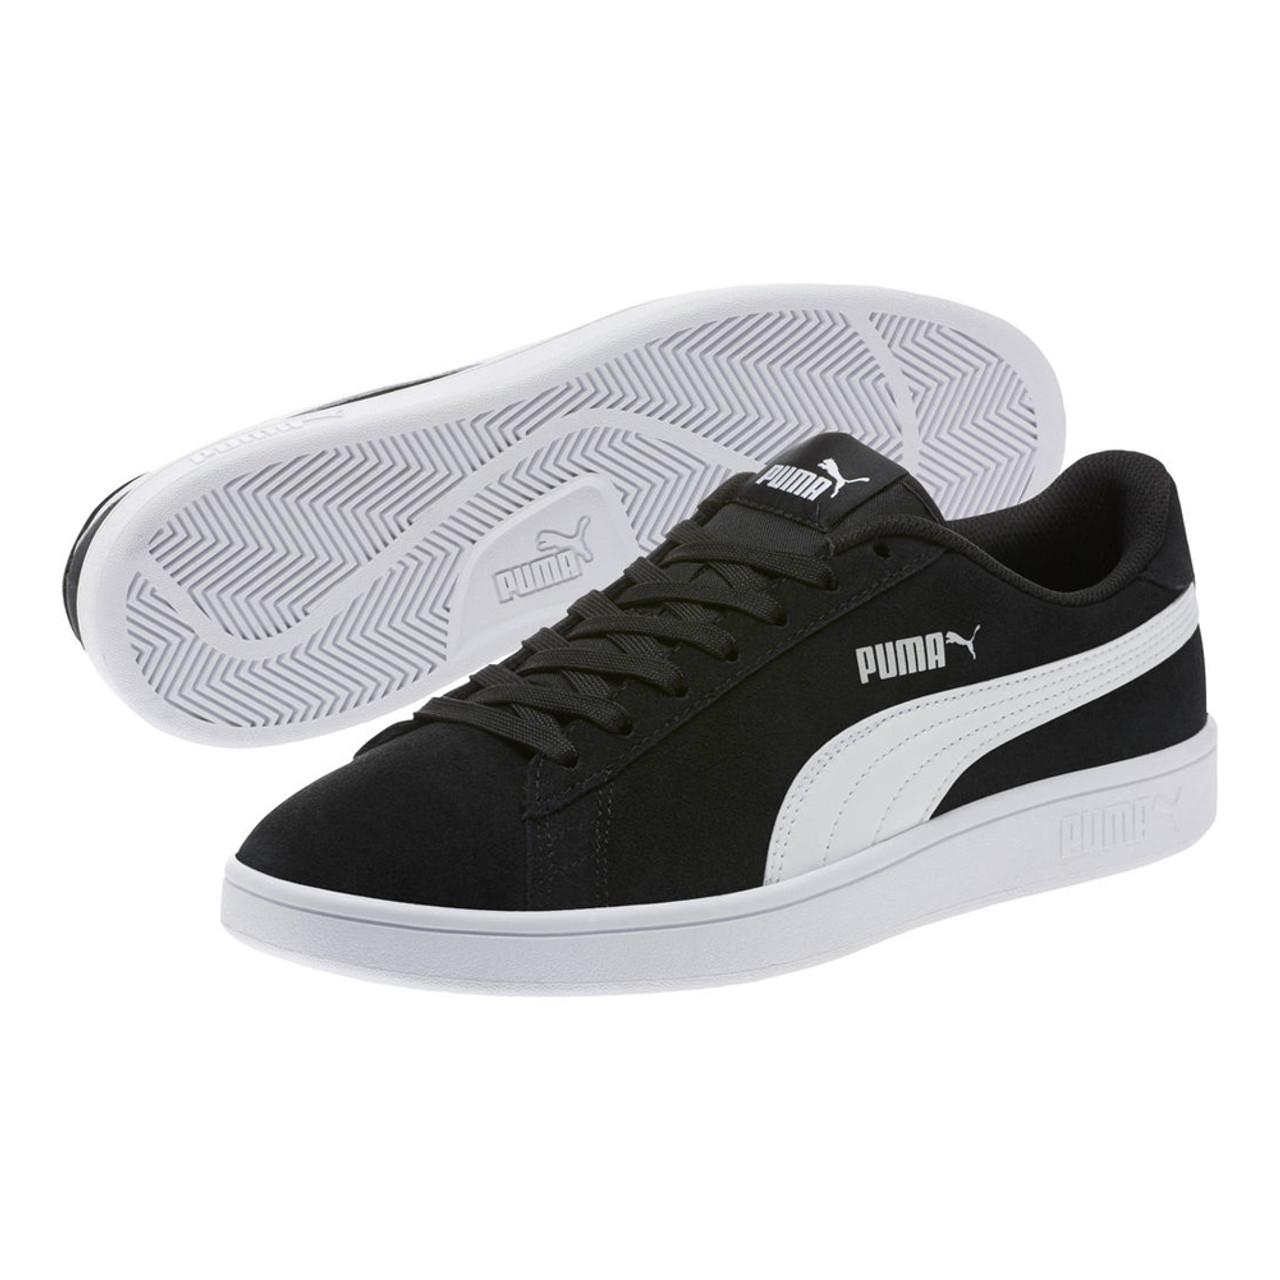 Puma Men's Puma Smash V2 Sneaker Black/White/Silver